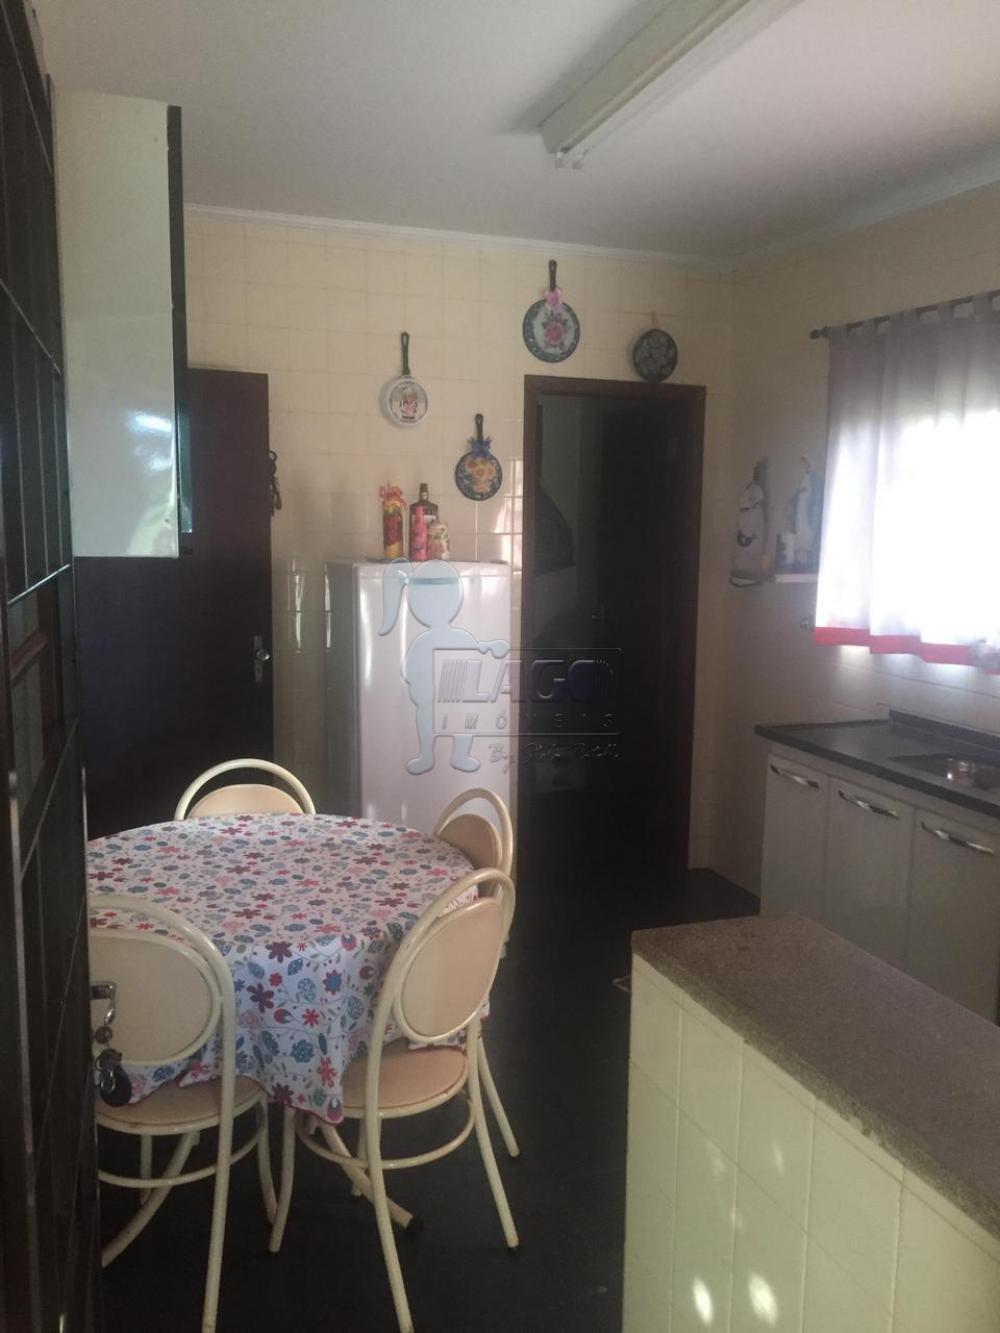 Comprar Casas / Chácara / Rancho em Batatais R$ 950.000,00 - Foto 10